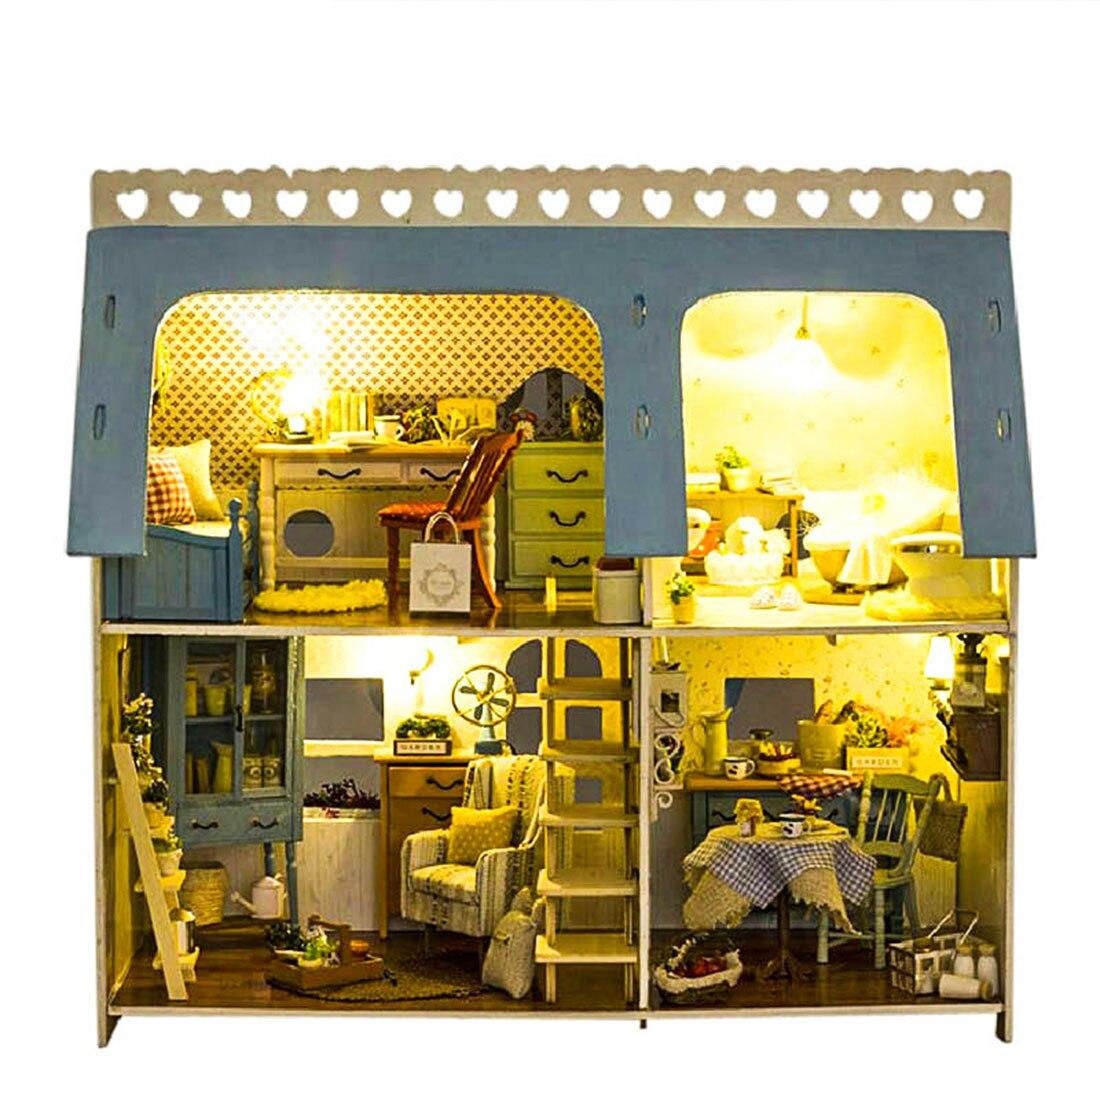 Interessante Dollhouse Rocky Giardino 3D di Montaggio FAI DA TE Per Uso Domestico Creativo Casa Kit di Apprendimento Giocattolo Per Il Capretto Regali Di NataleInteressante Dollhouse Rocky Giardino 3D di Montaggio FAI DA TE Per Uso Domestico Creativo Casa Kit di Apprendimento Giocattolo Per Il Capretto Regali Di Natale